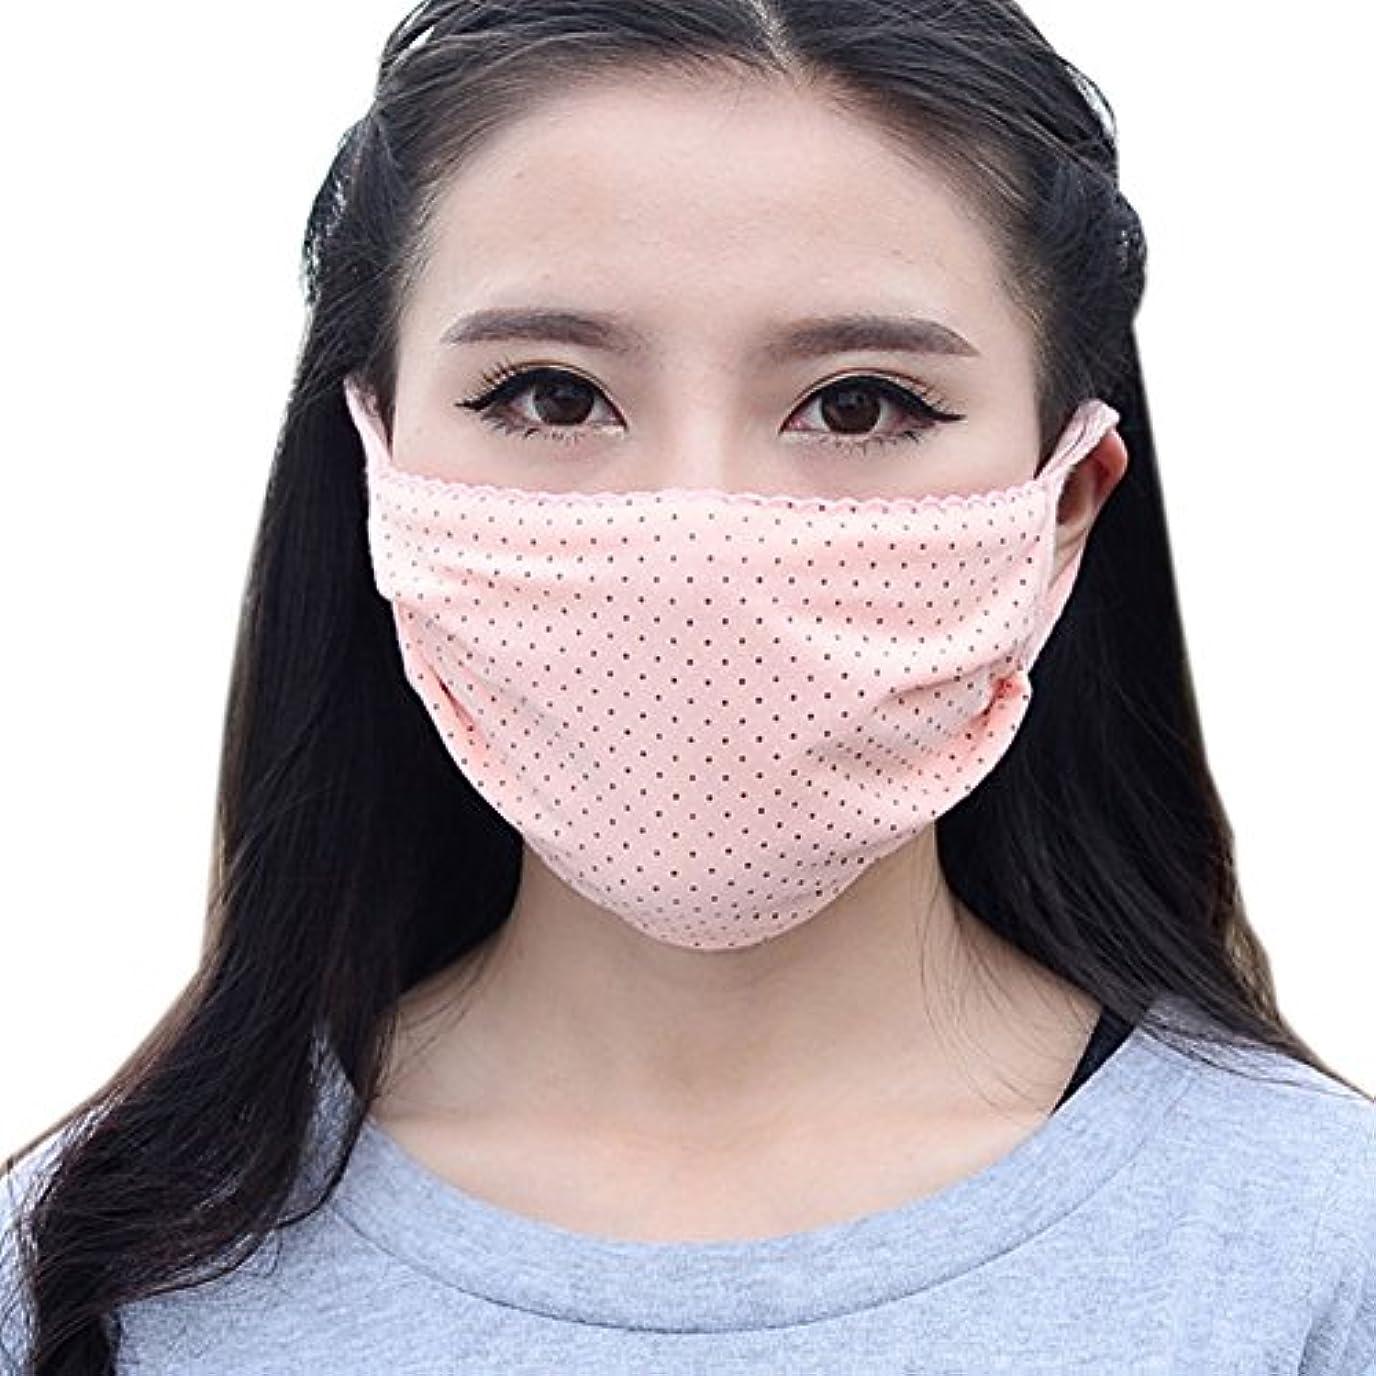 しっかり中国発掘夏の薄いコットンマスク、肌色のドット